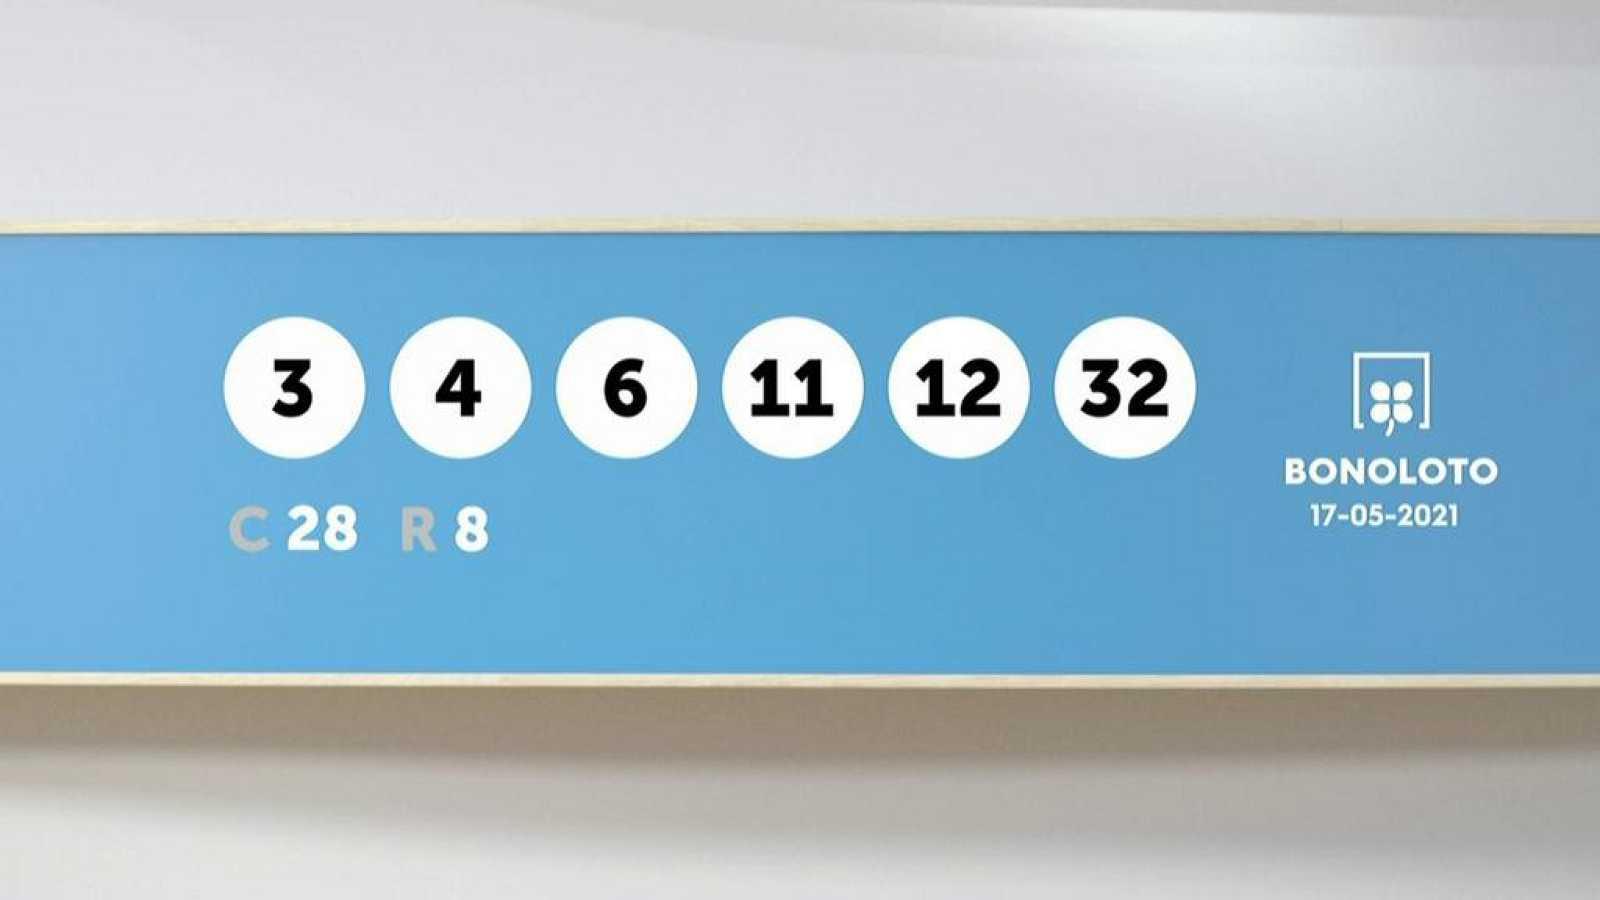 Sorteo de la Lotería Bonoloto del 17/05/2021 - Ver ahora